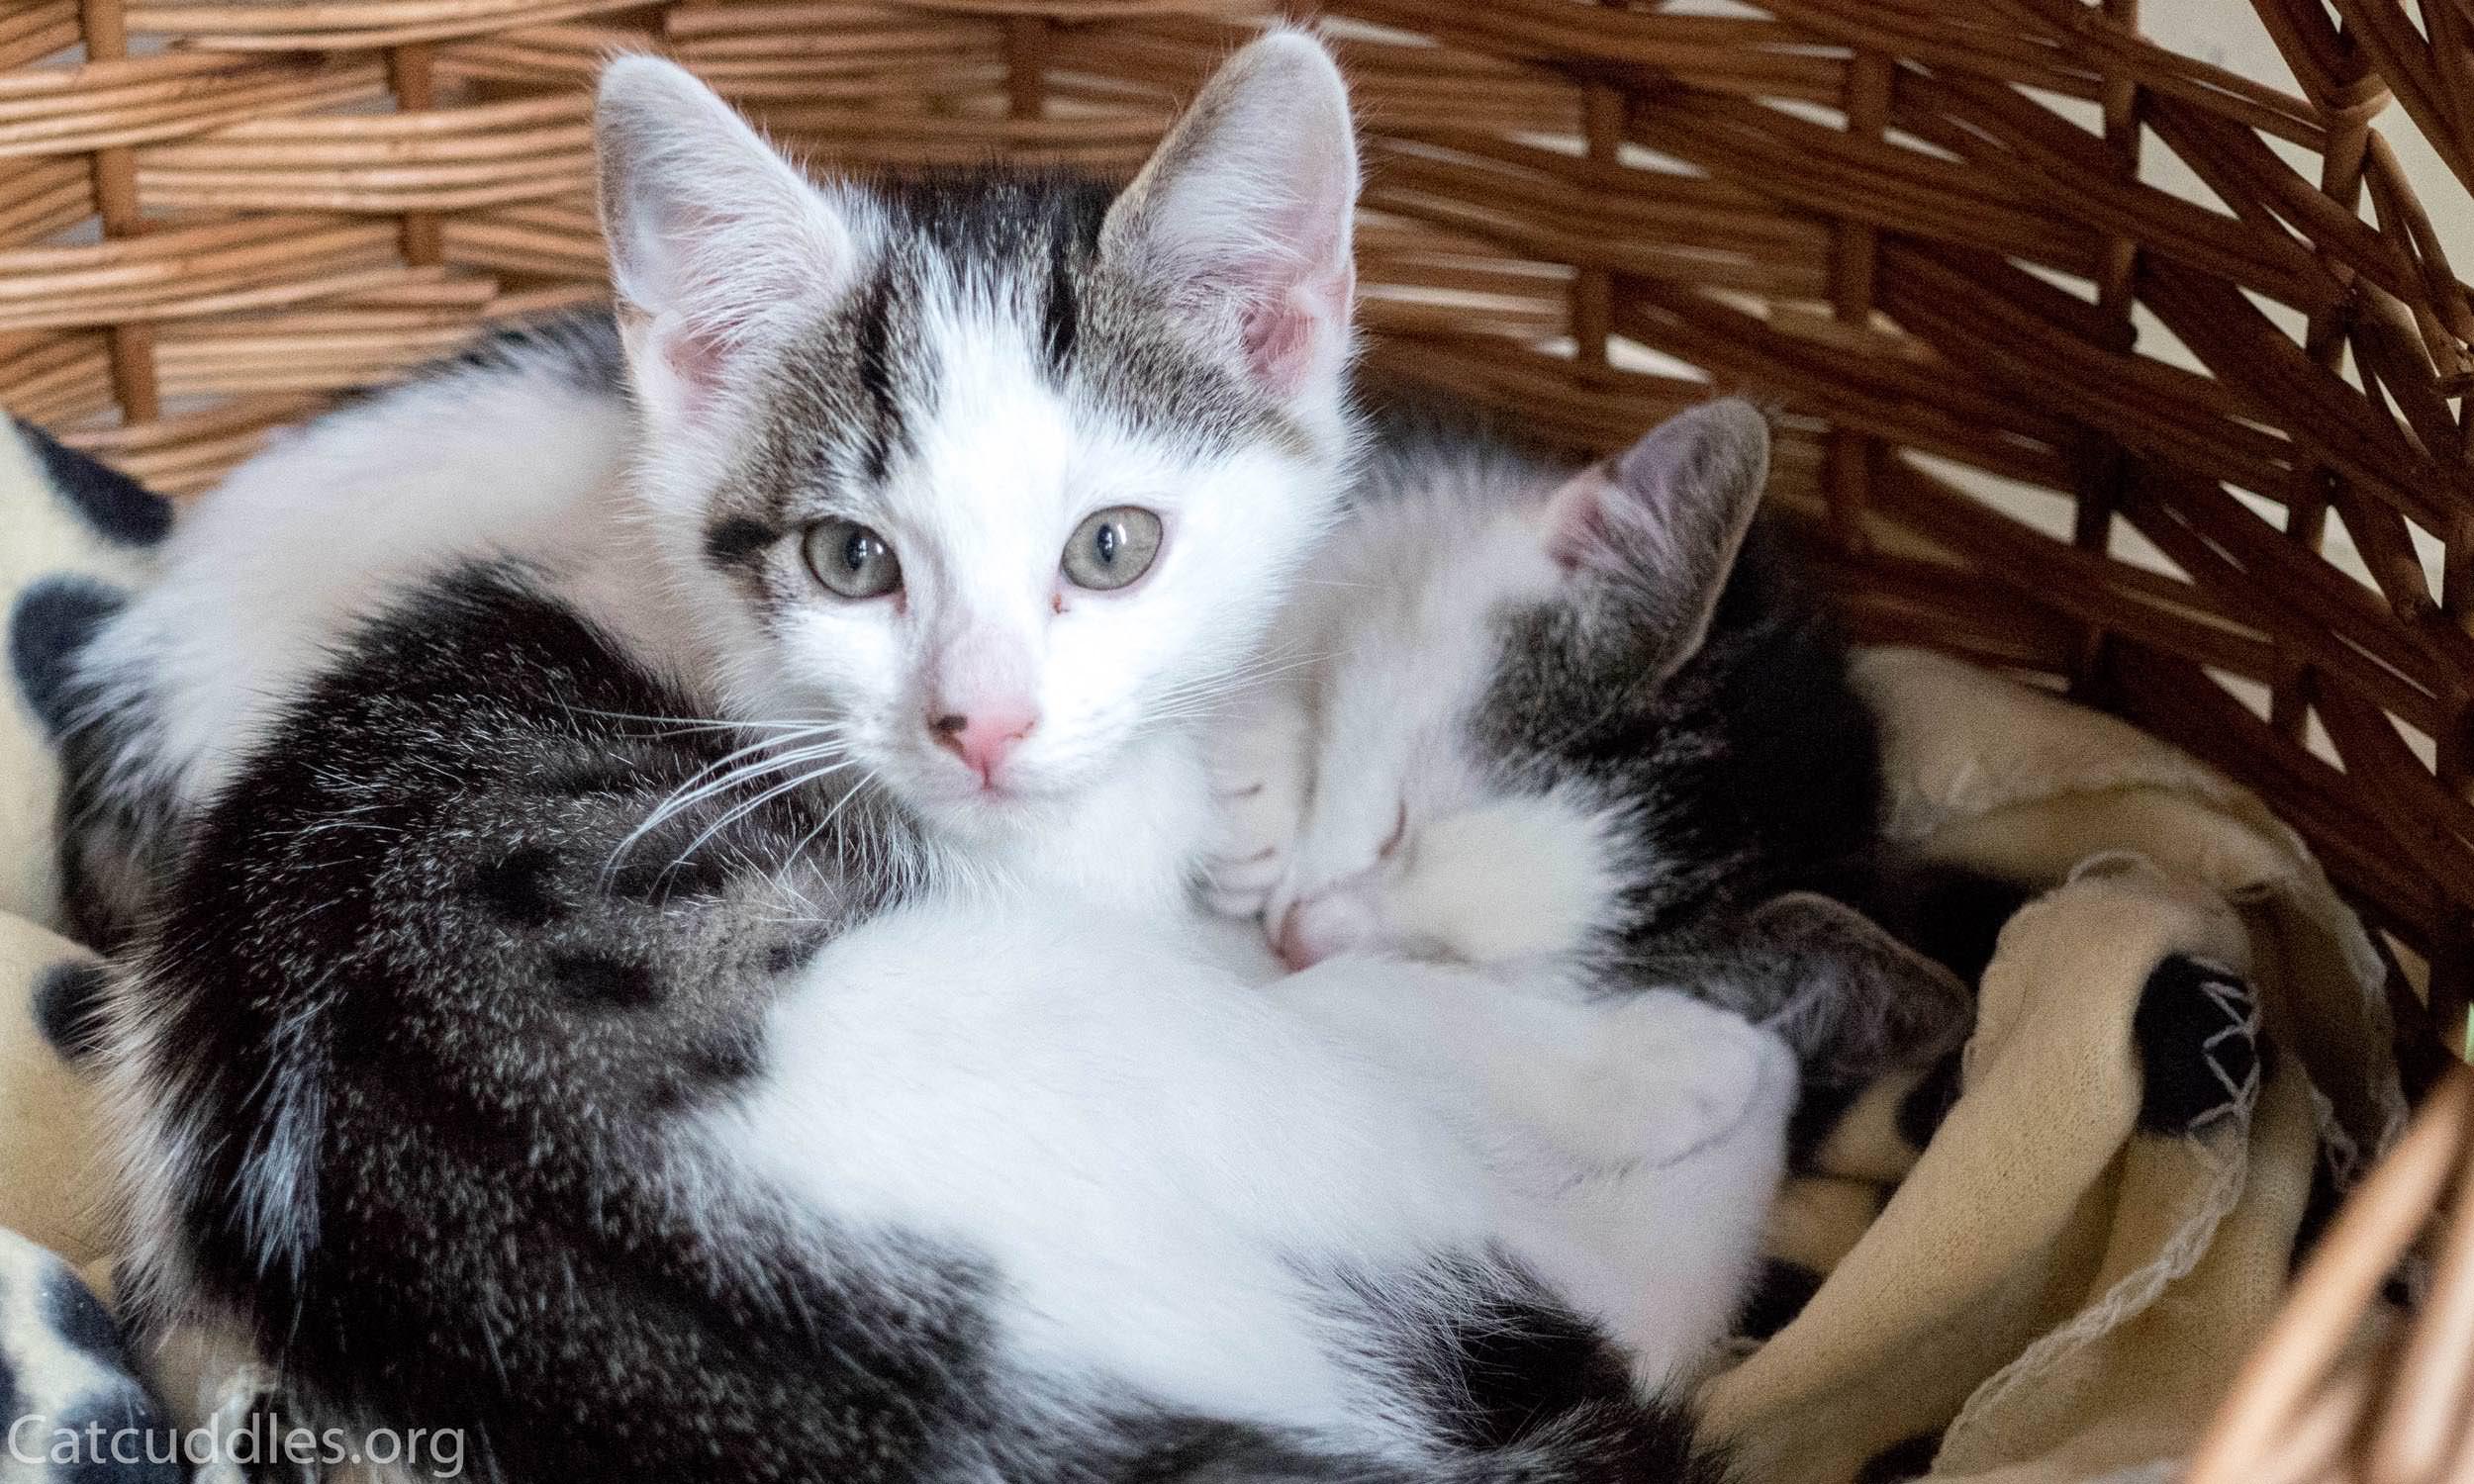 catcuddles-P1104687.jpg